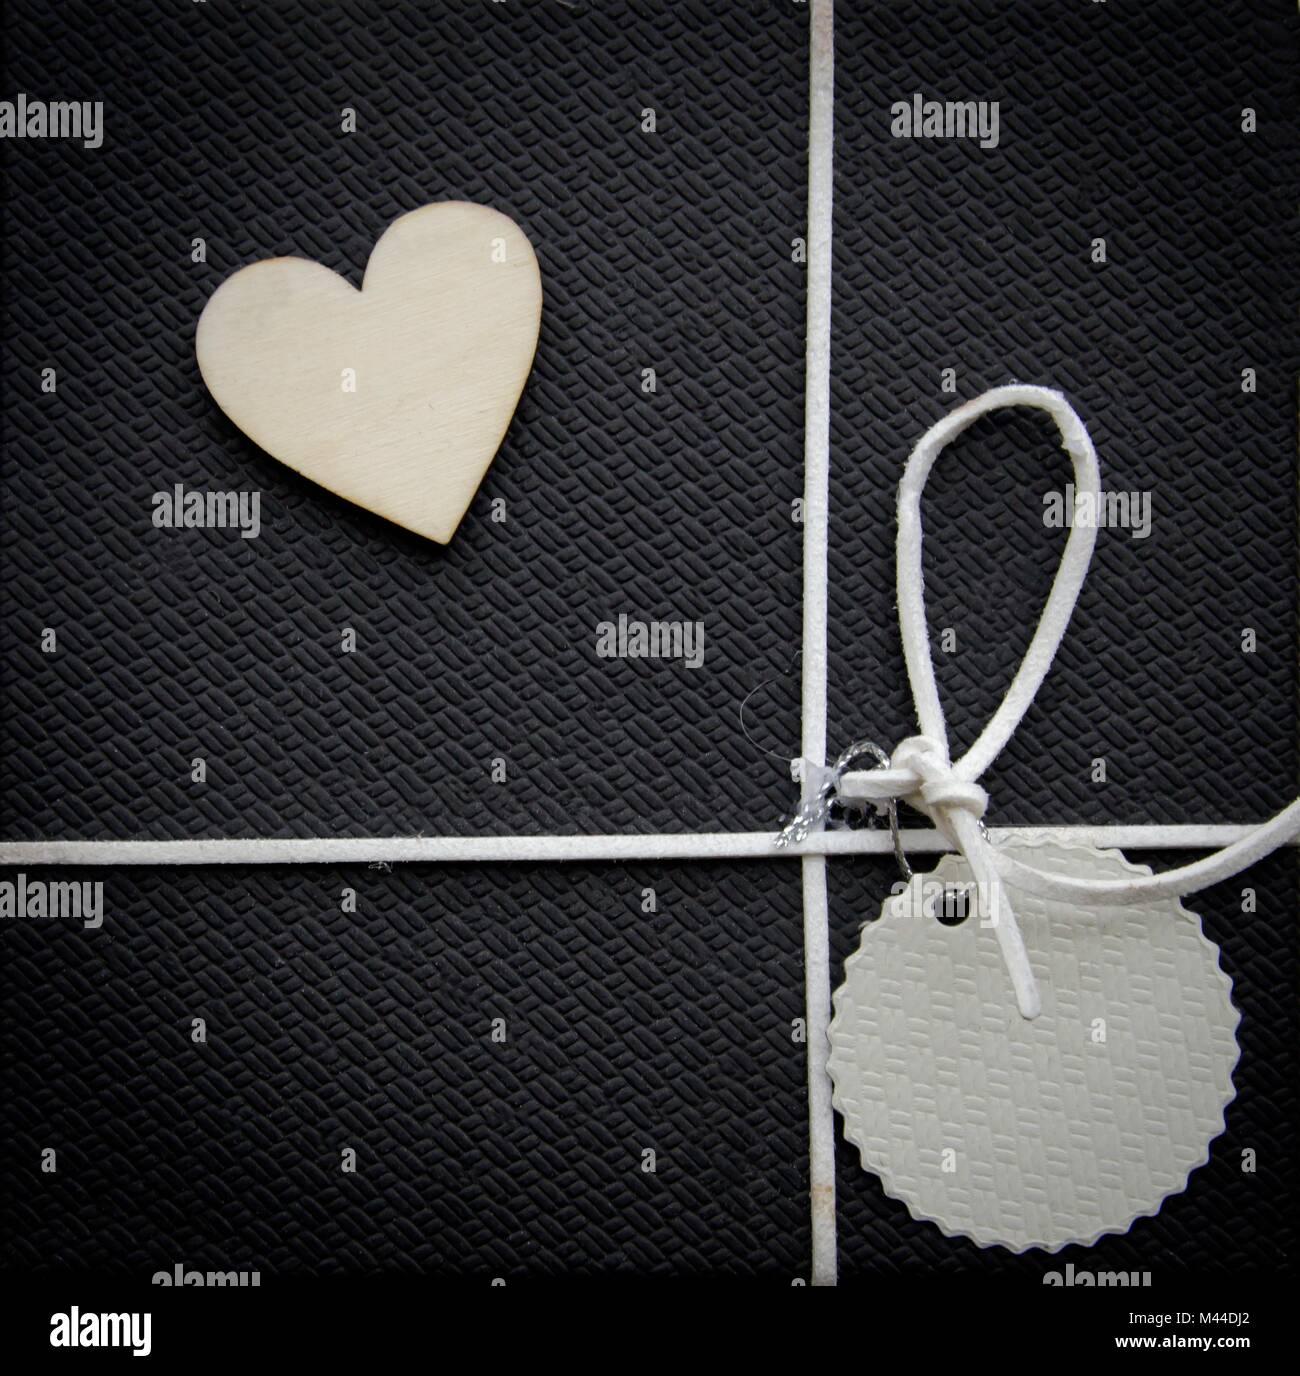 Tarjeta de felicitación de corazón y en color negro con textura de fondo, formato cuadrado Foto de stock